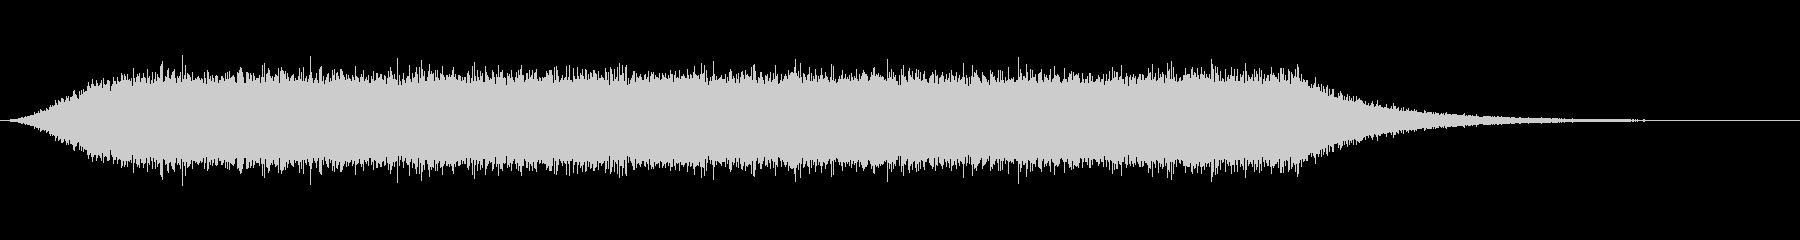 自然の音シリーズ 雨の未再生の波形